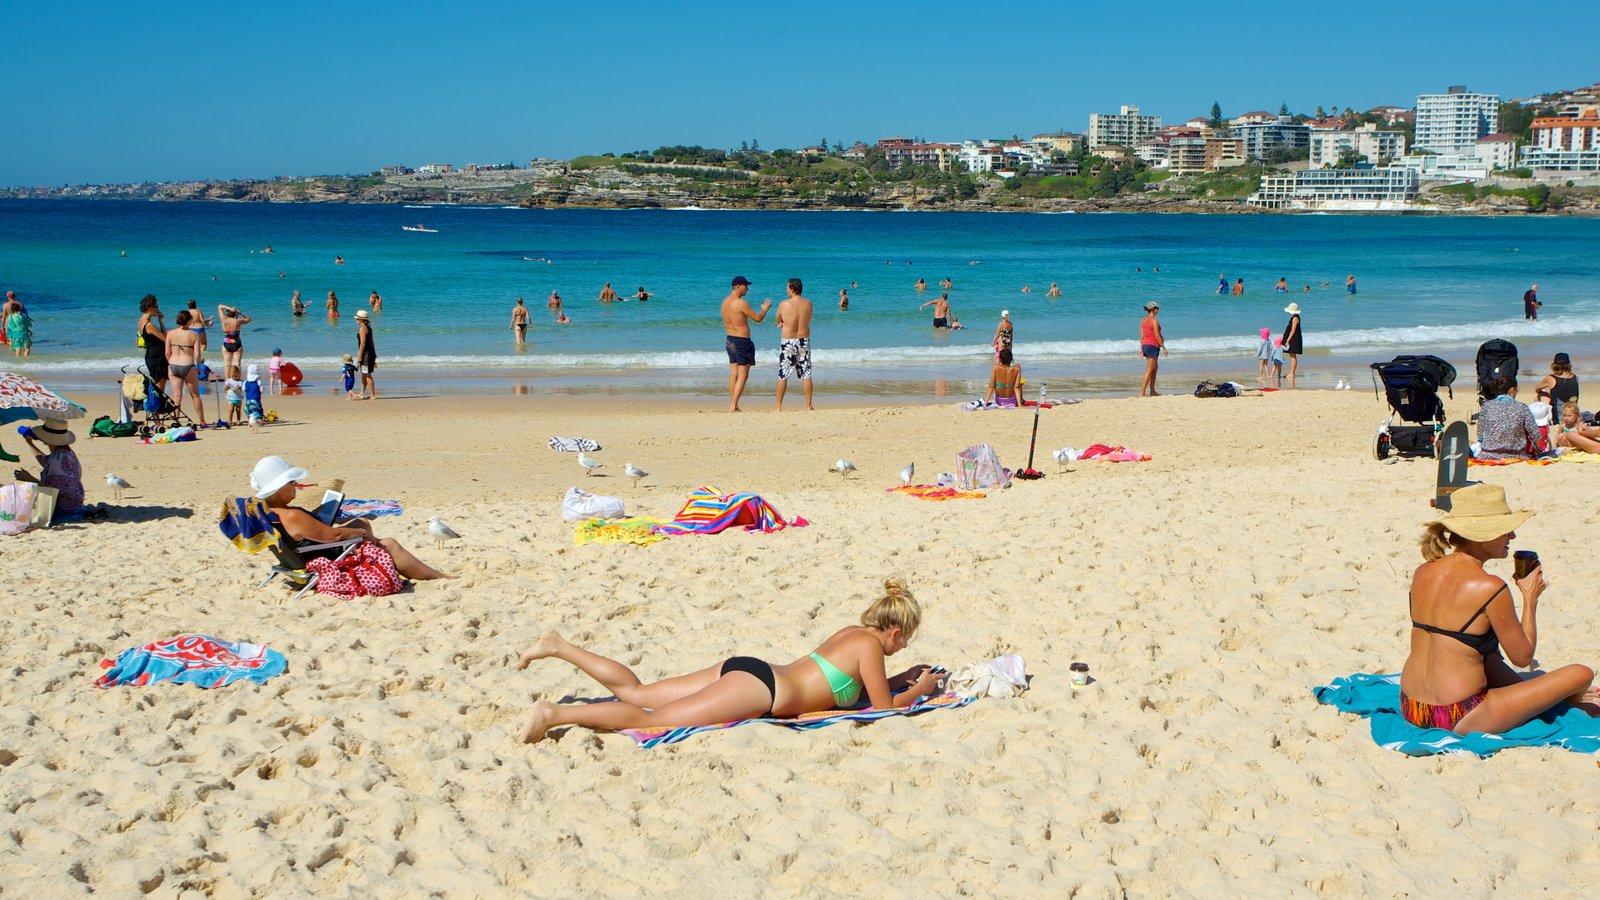 Bondi Beach featuring a beach and tropical scenes